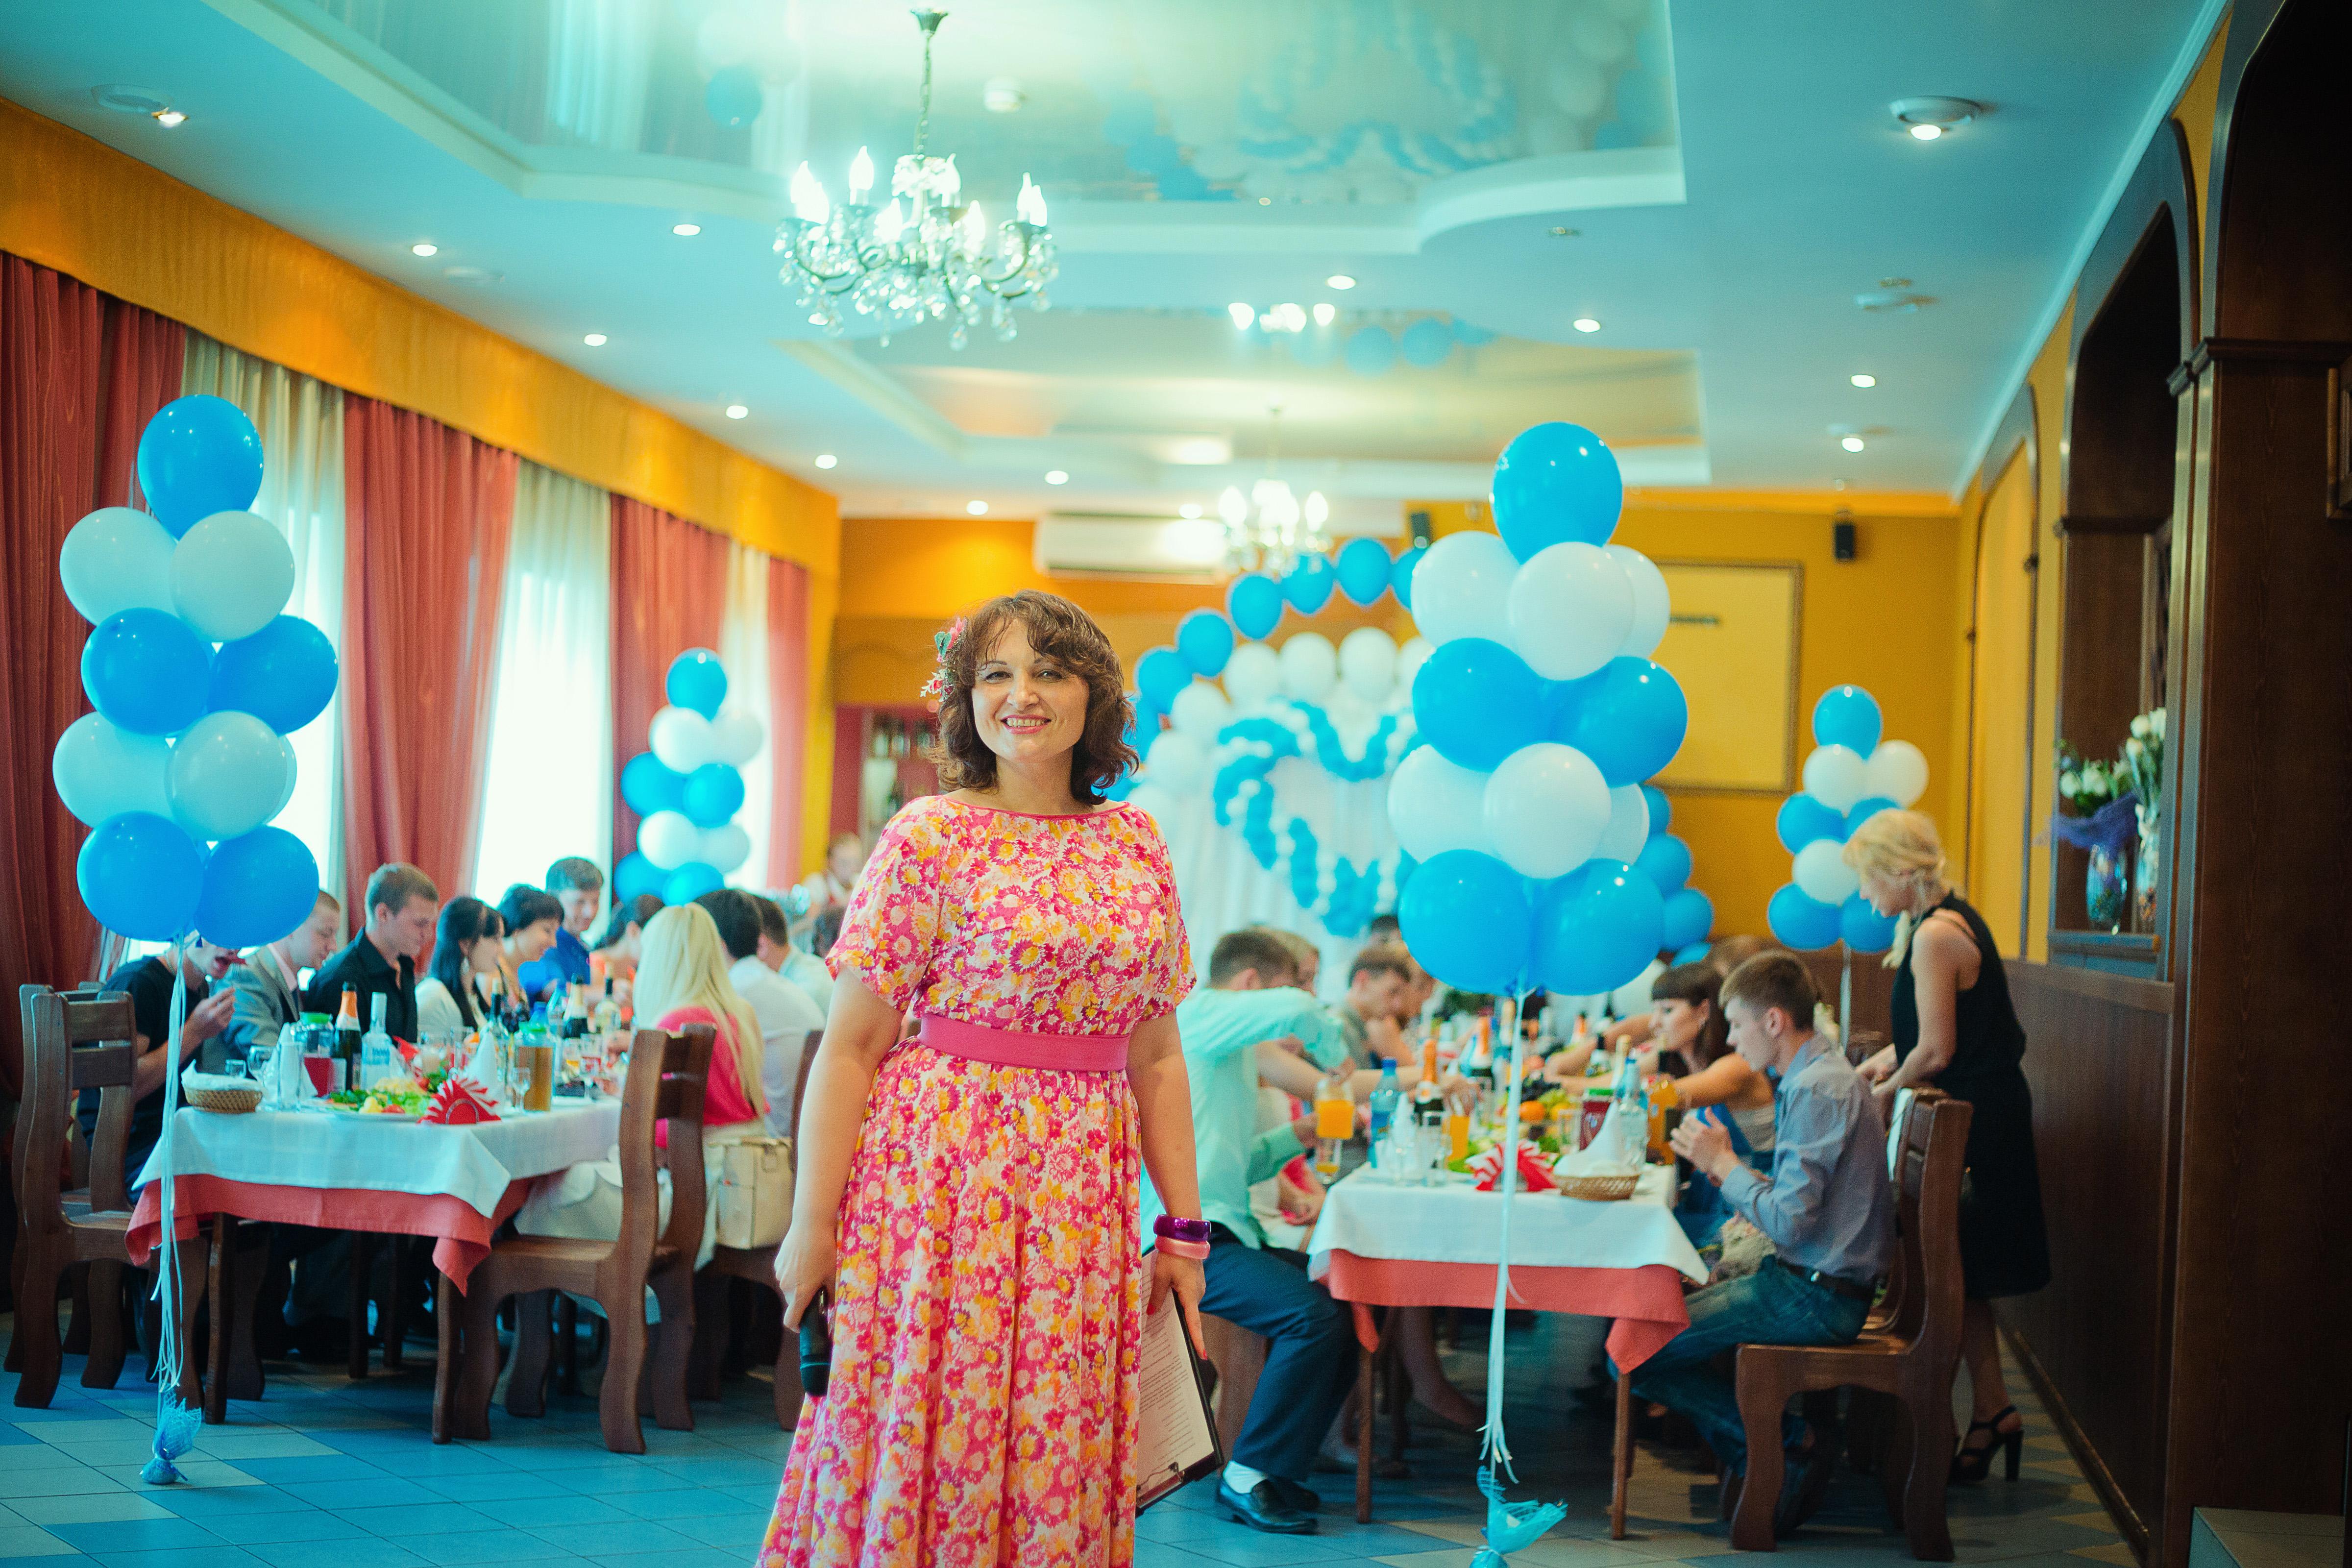 Елена Шеремет - тамада, ведущая